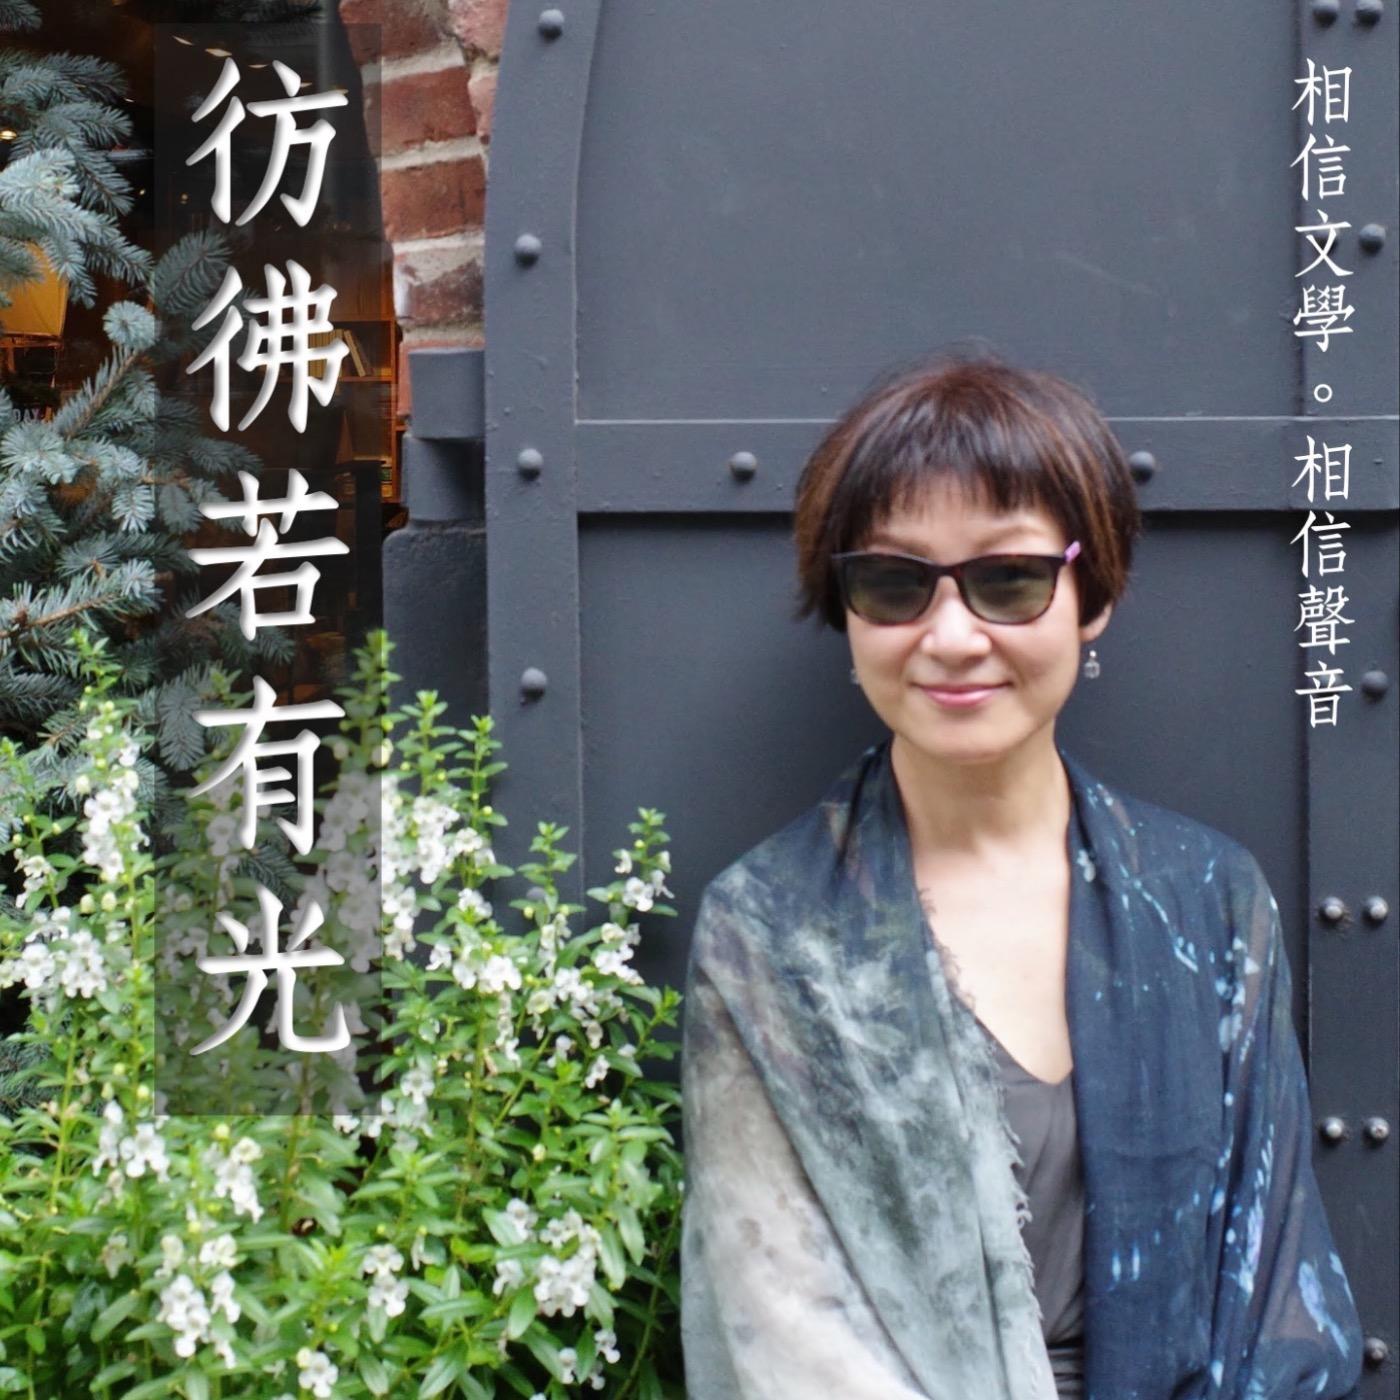 第31集 秘境探索特輯——臺大中文系「紀念室」的人文寶藏